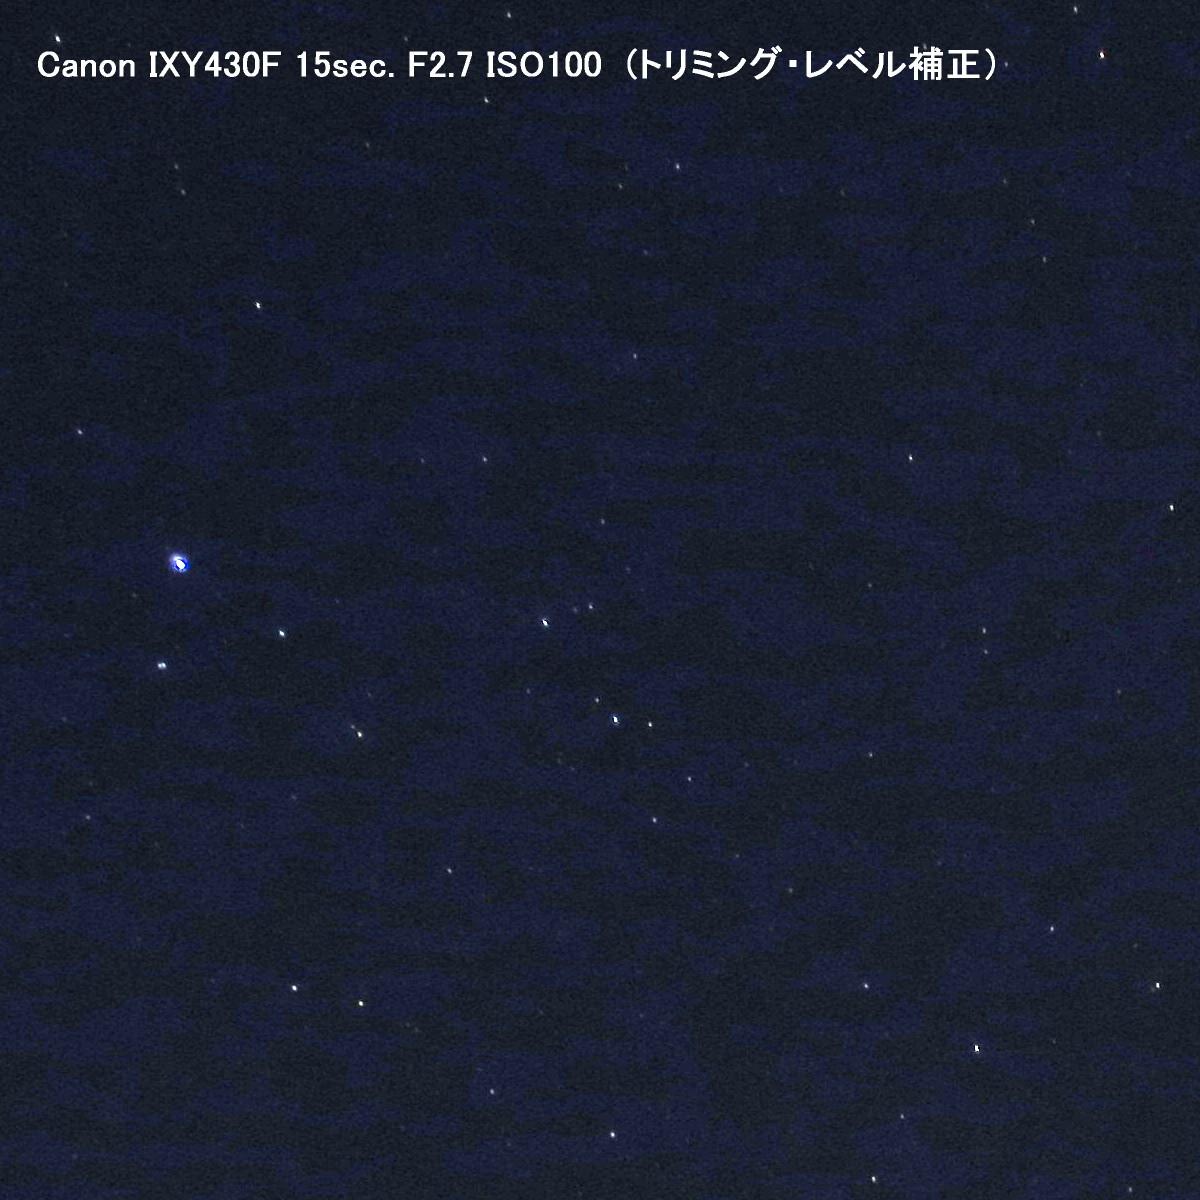 低価格デジカメテスト(3) Canon IXY430F_a0095470_2351122.jpg